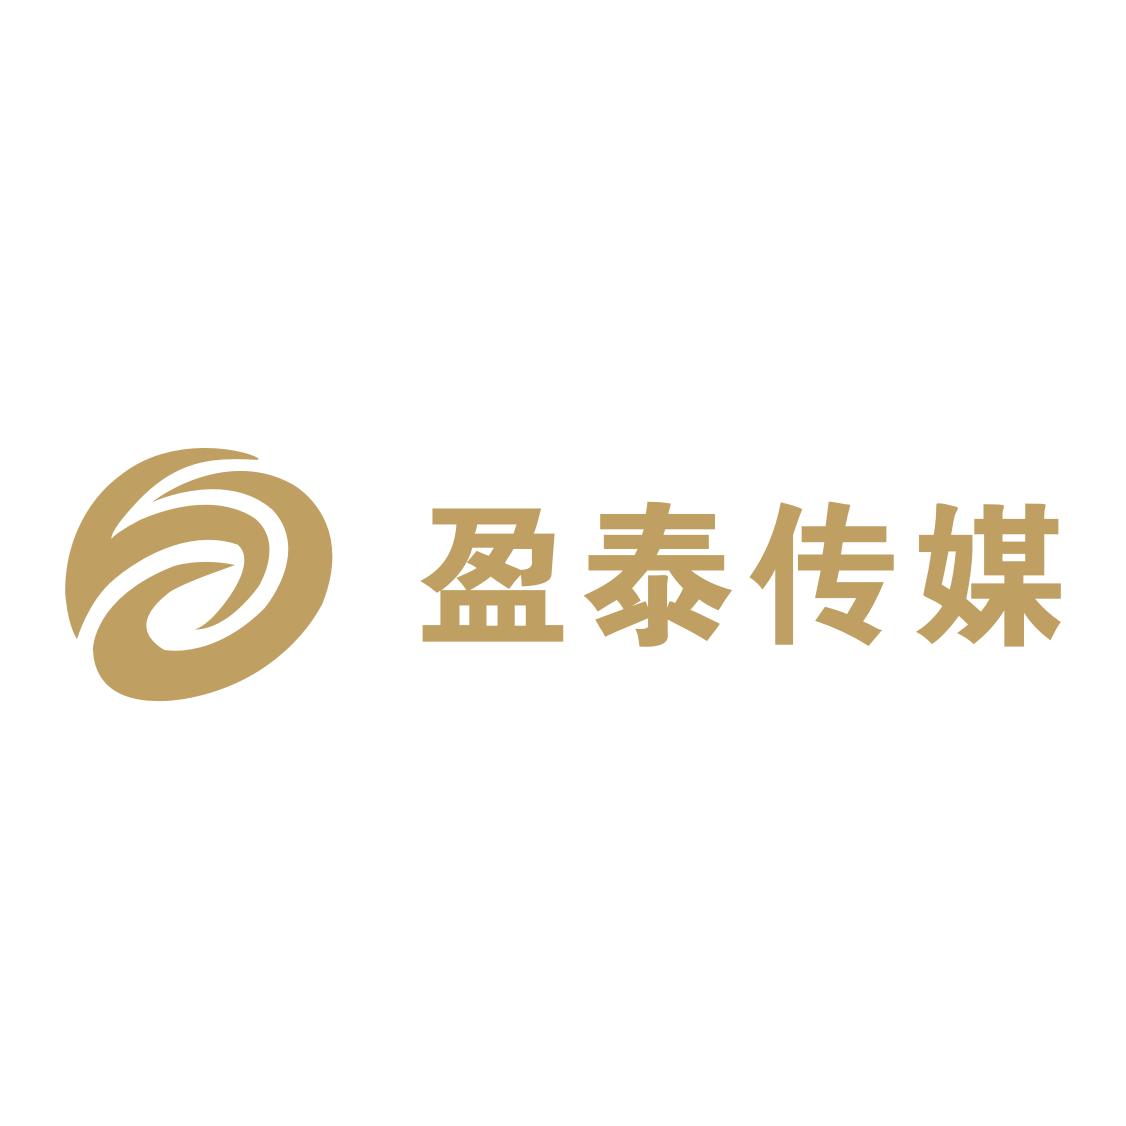 sbobet利记体育官网利记体育文化传播有限公司